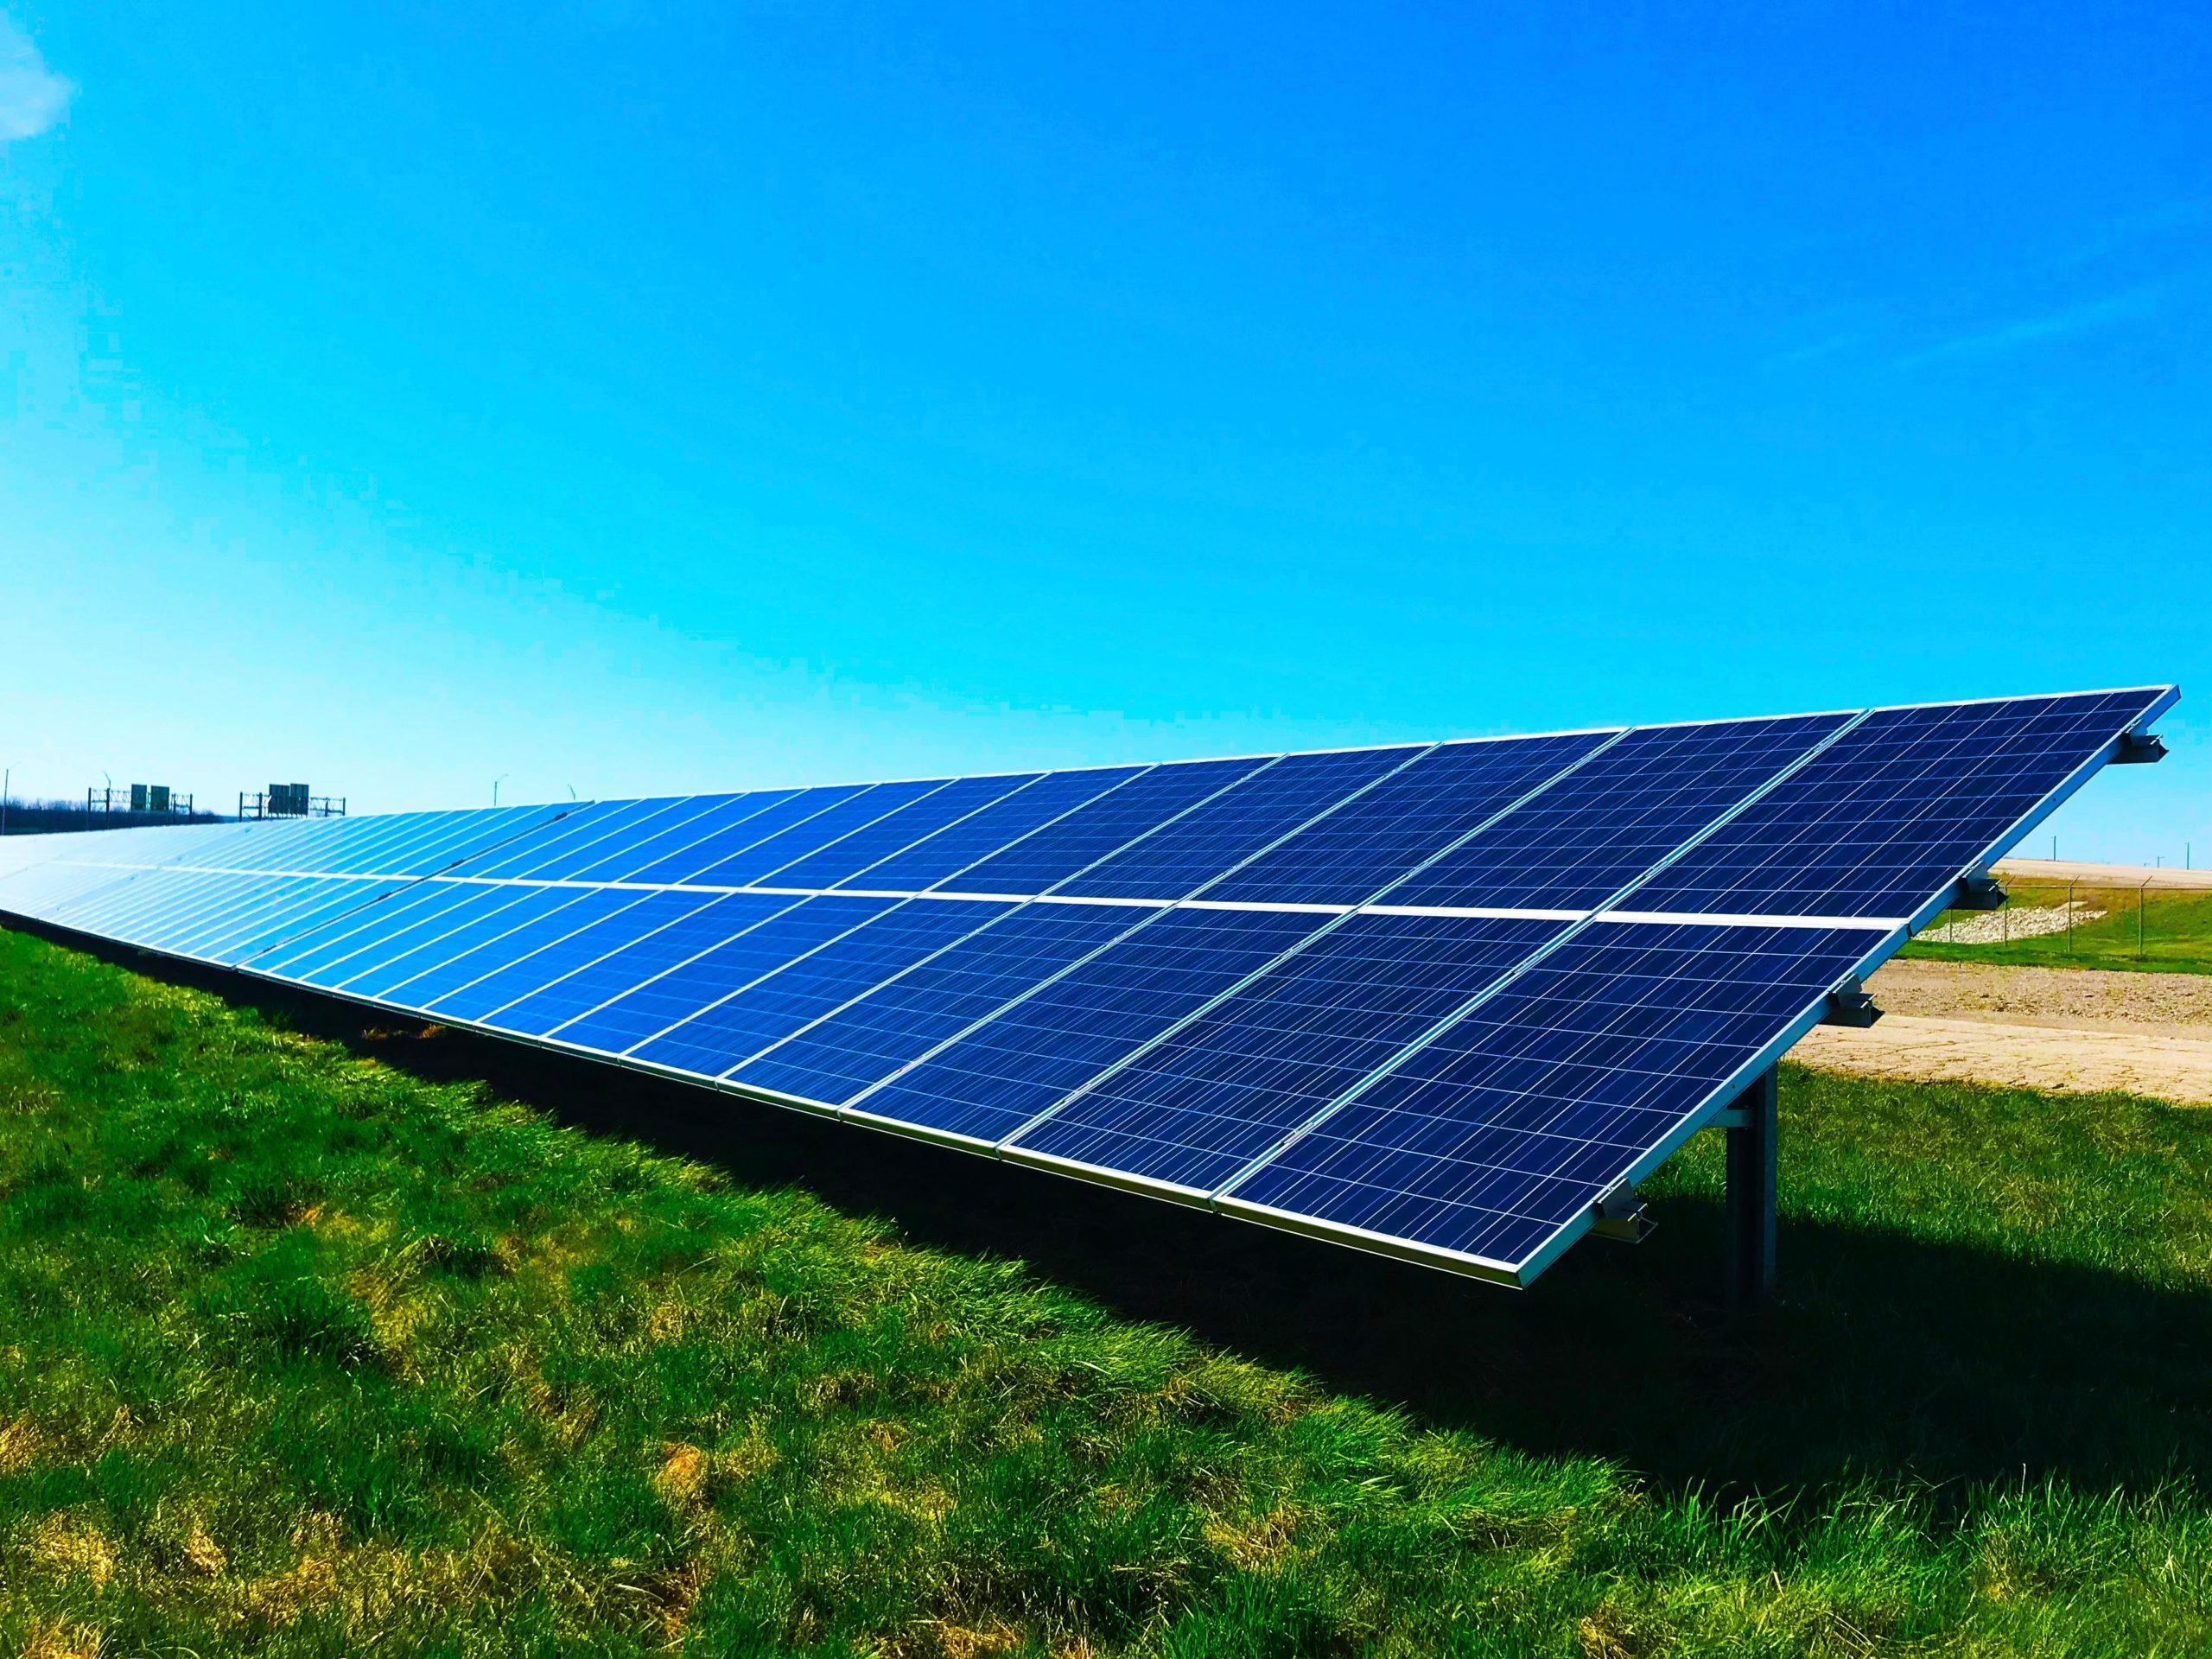 Солнечные батареи обвинили в создании помех для военных